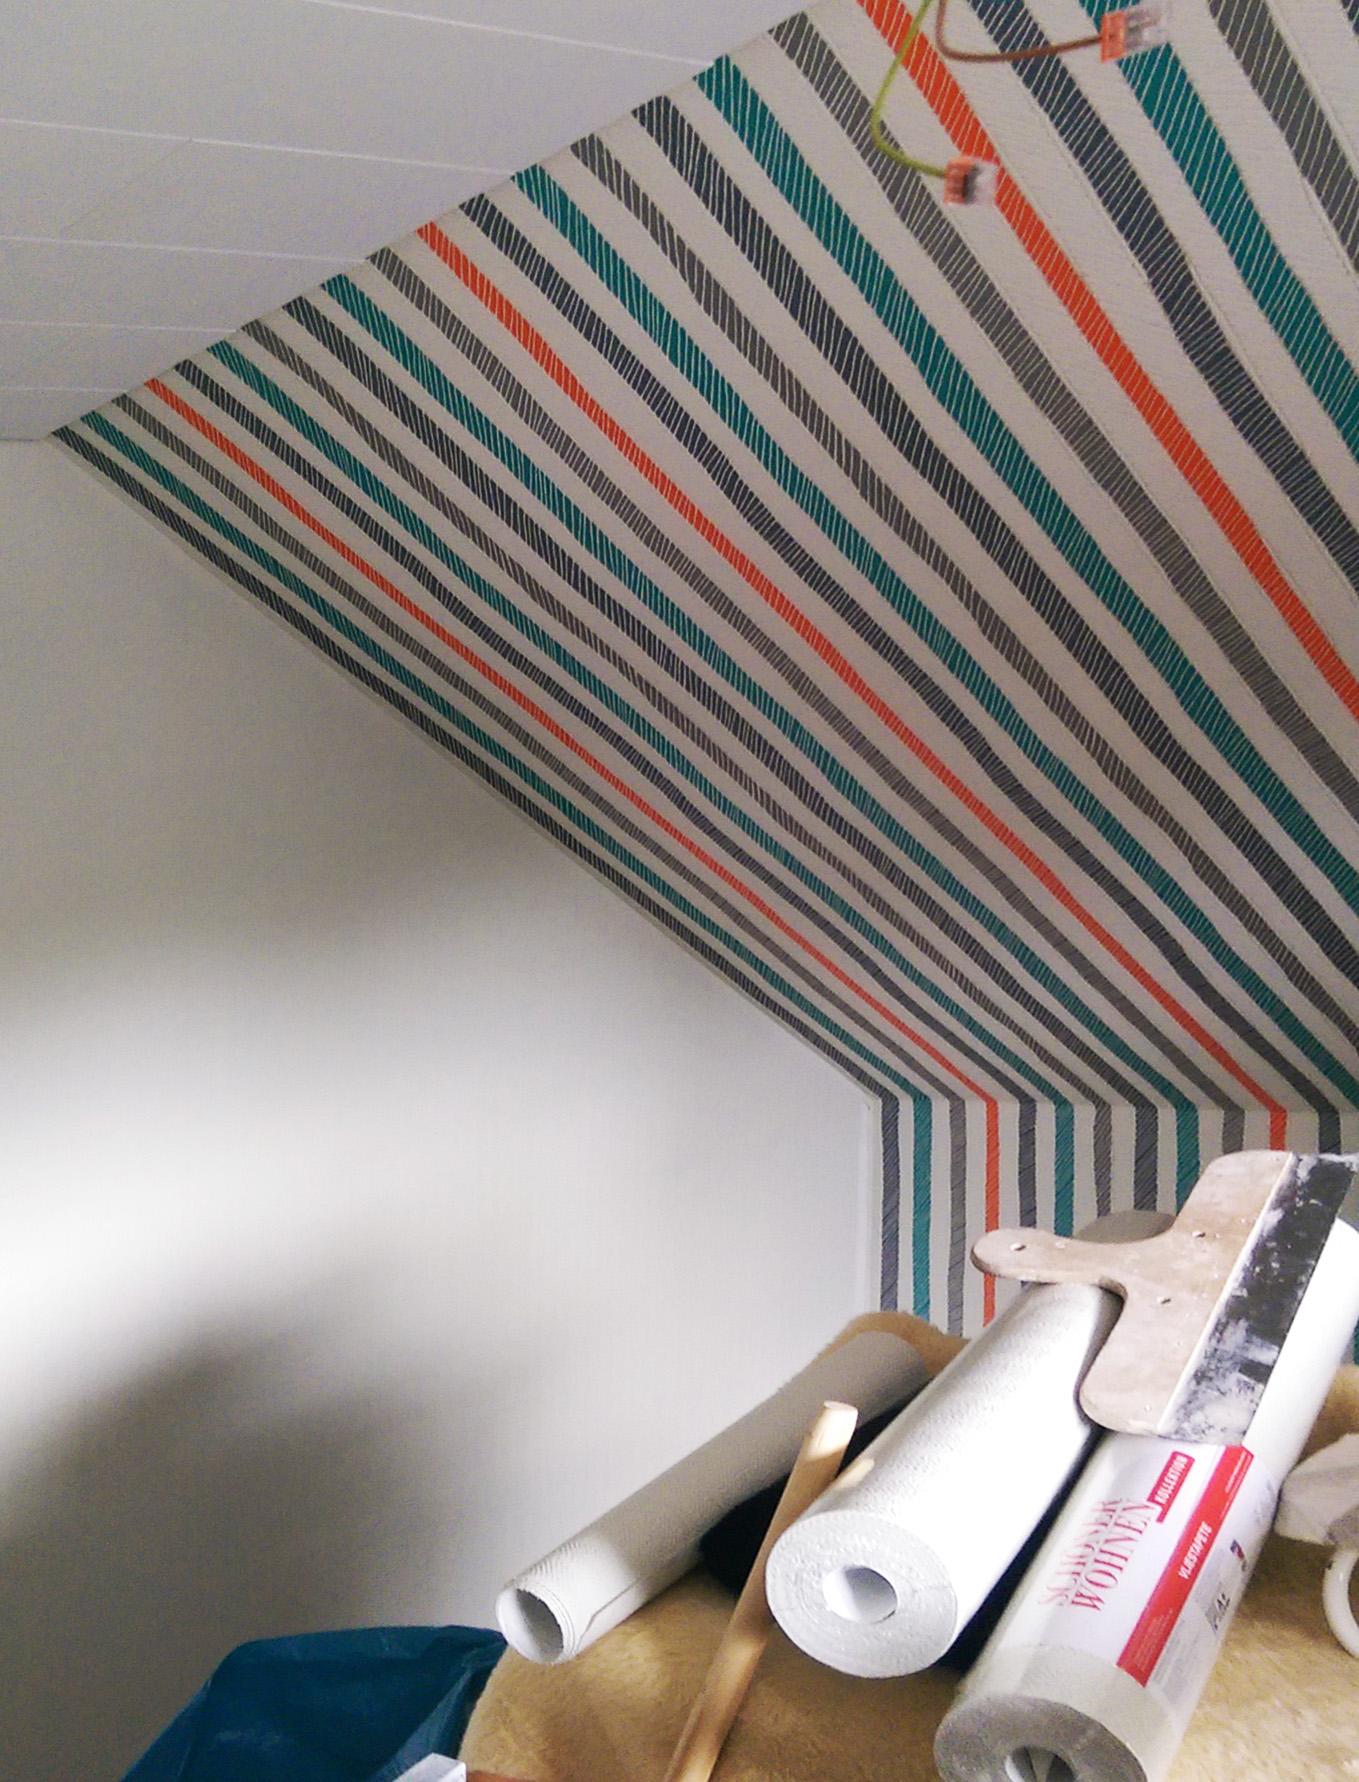 mandic-baudekoration-tapezierarbeiten-3